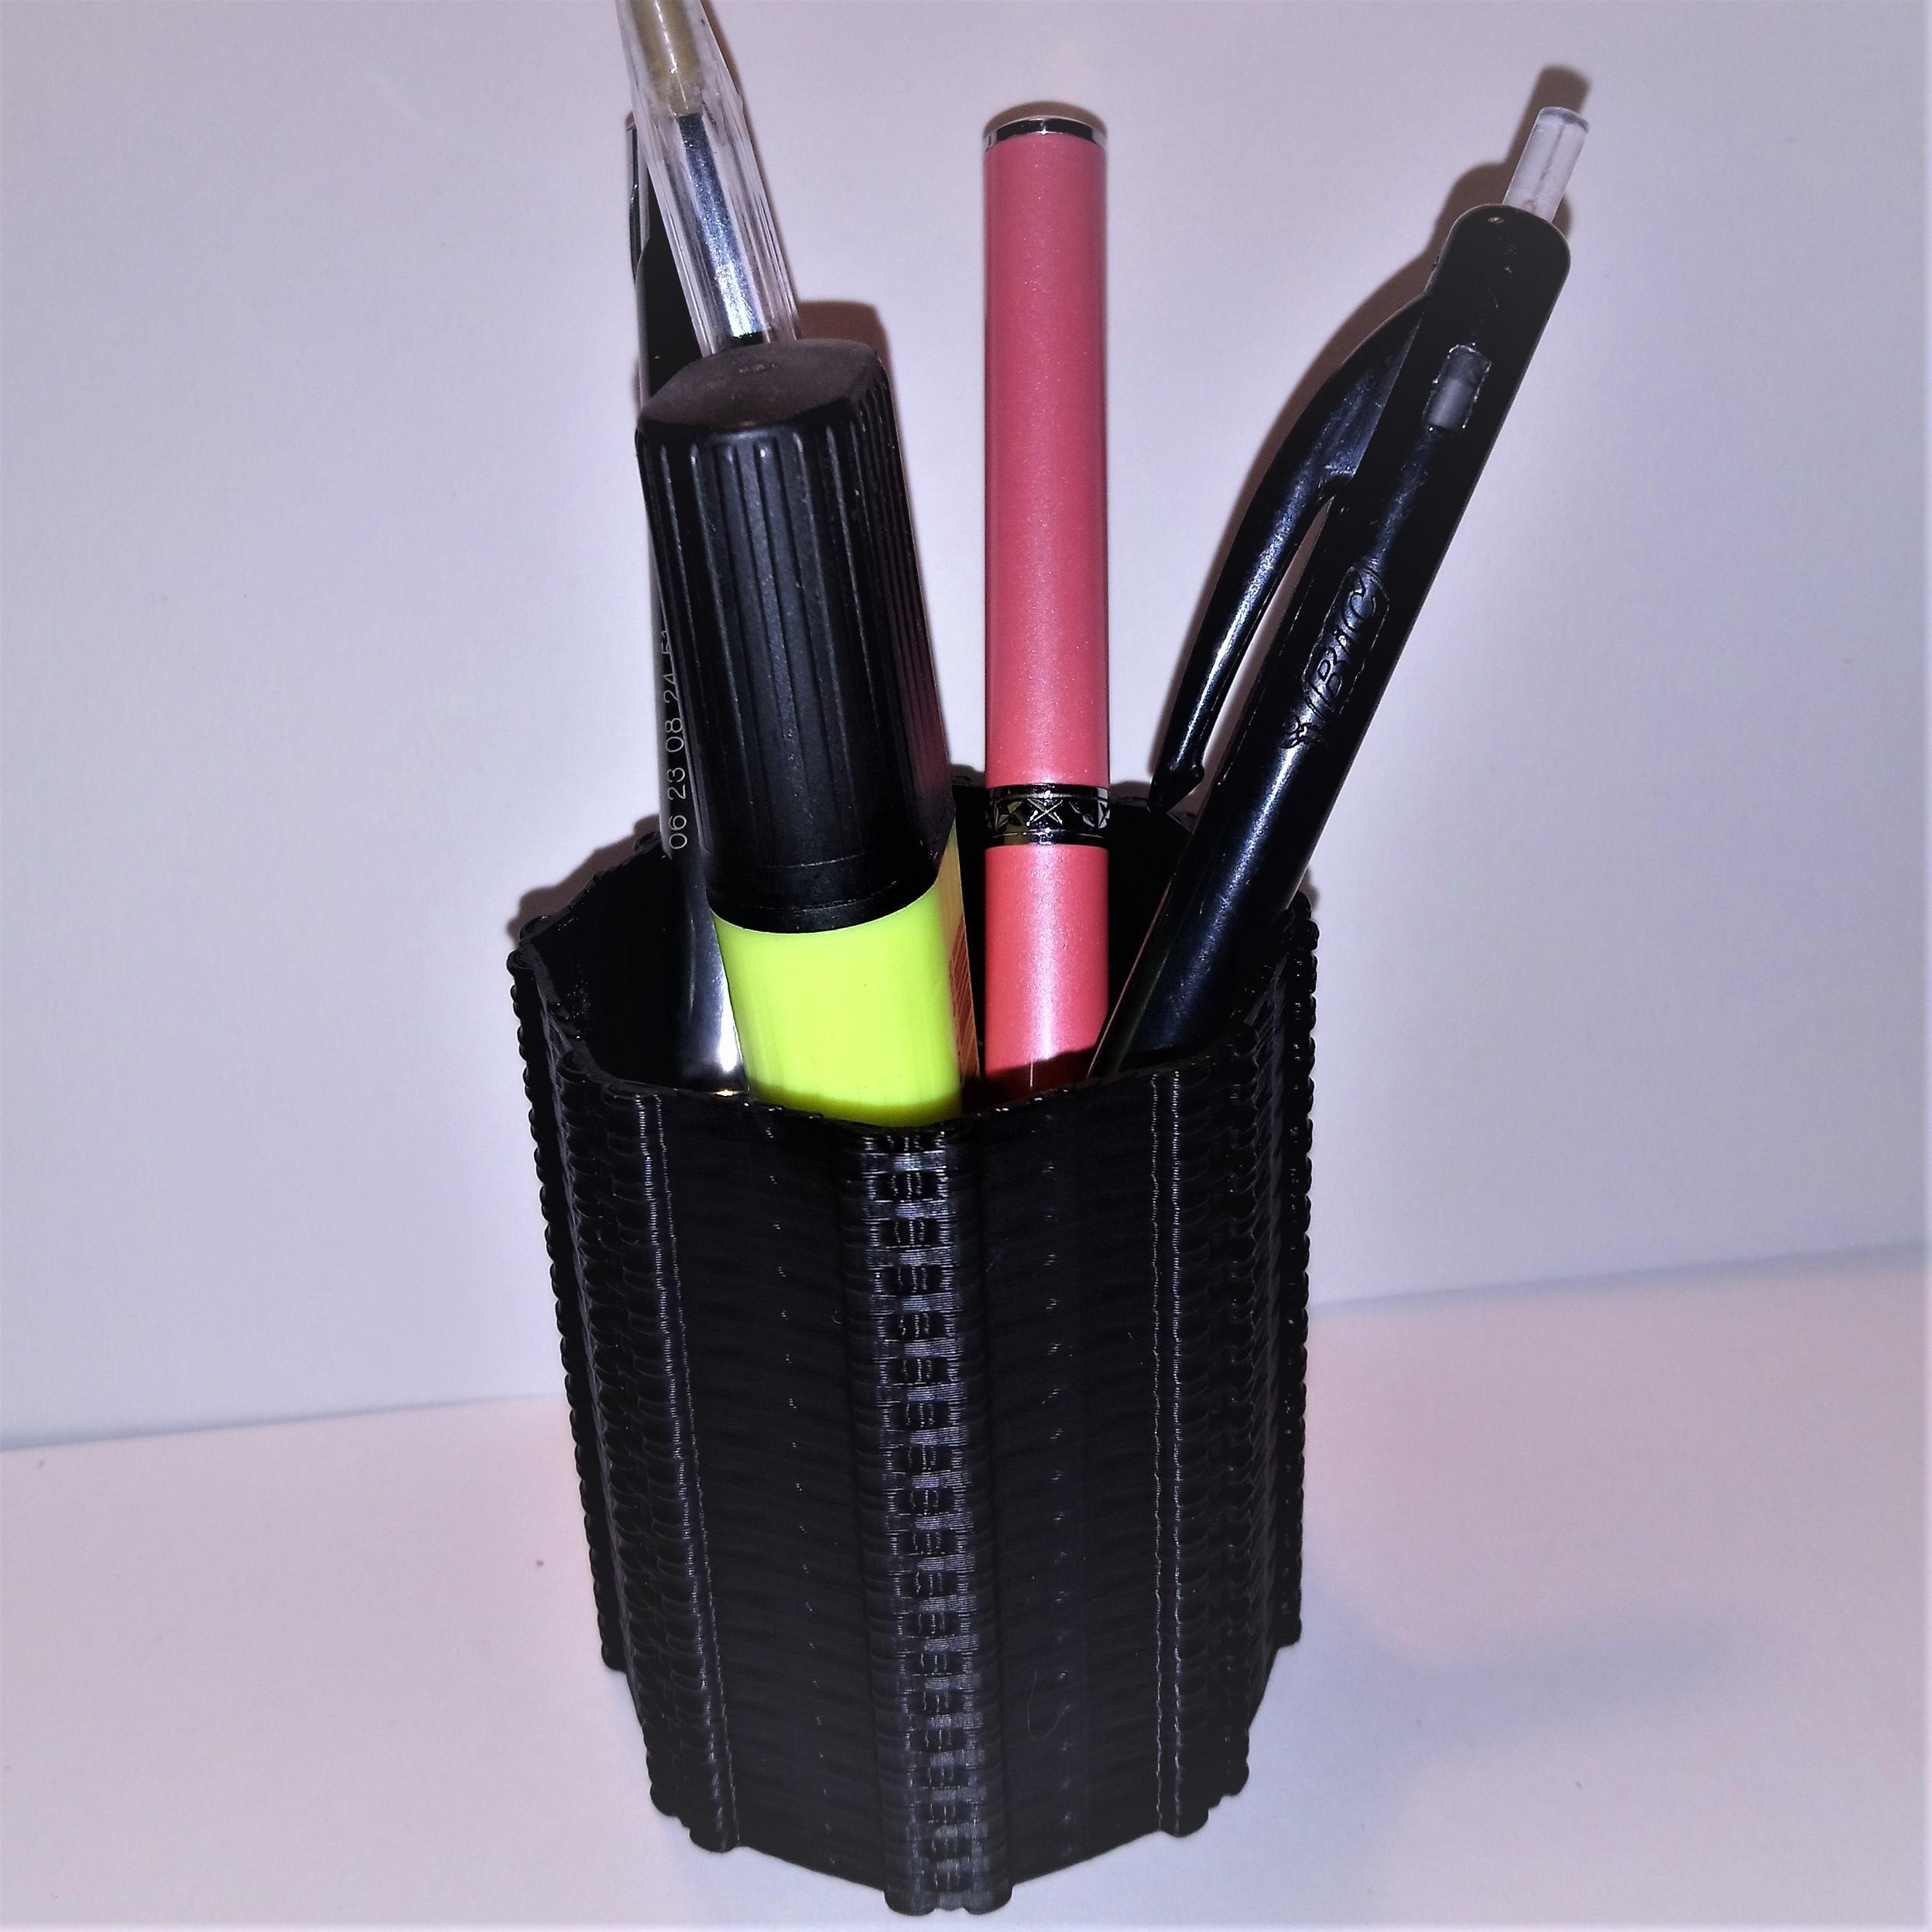 pots à crayons2.JPG Télécharger fichier STL gratuit Pot à crayons deco inspiration biomécanique alien giger • Modèle pour impression 3D, hicksadder